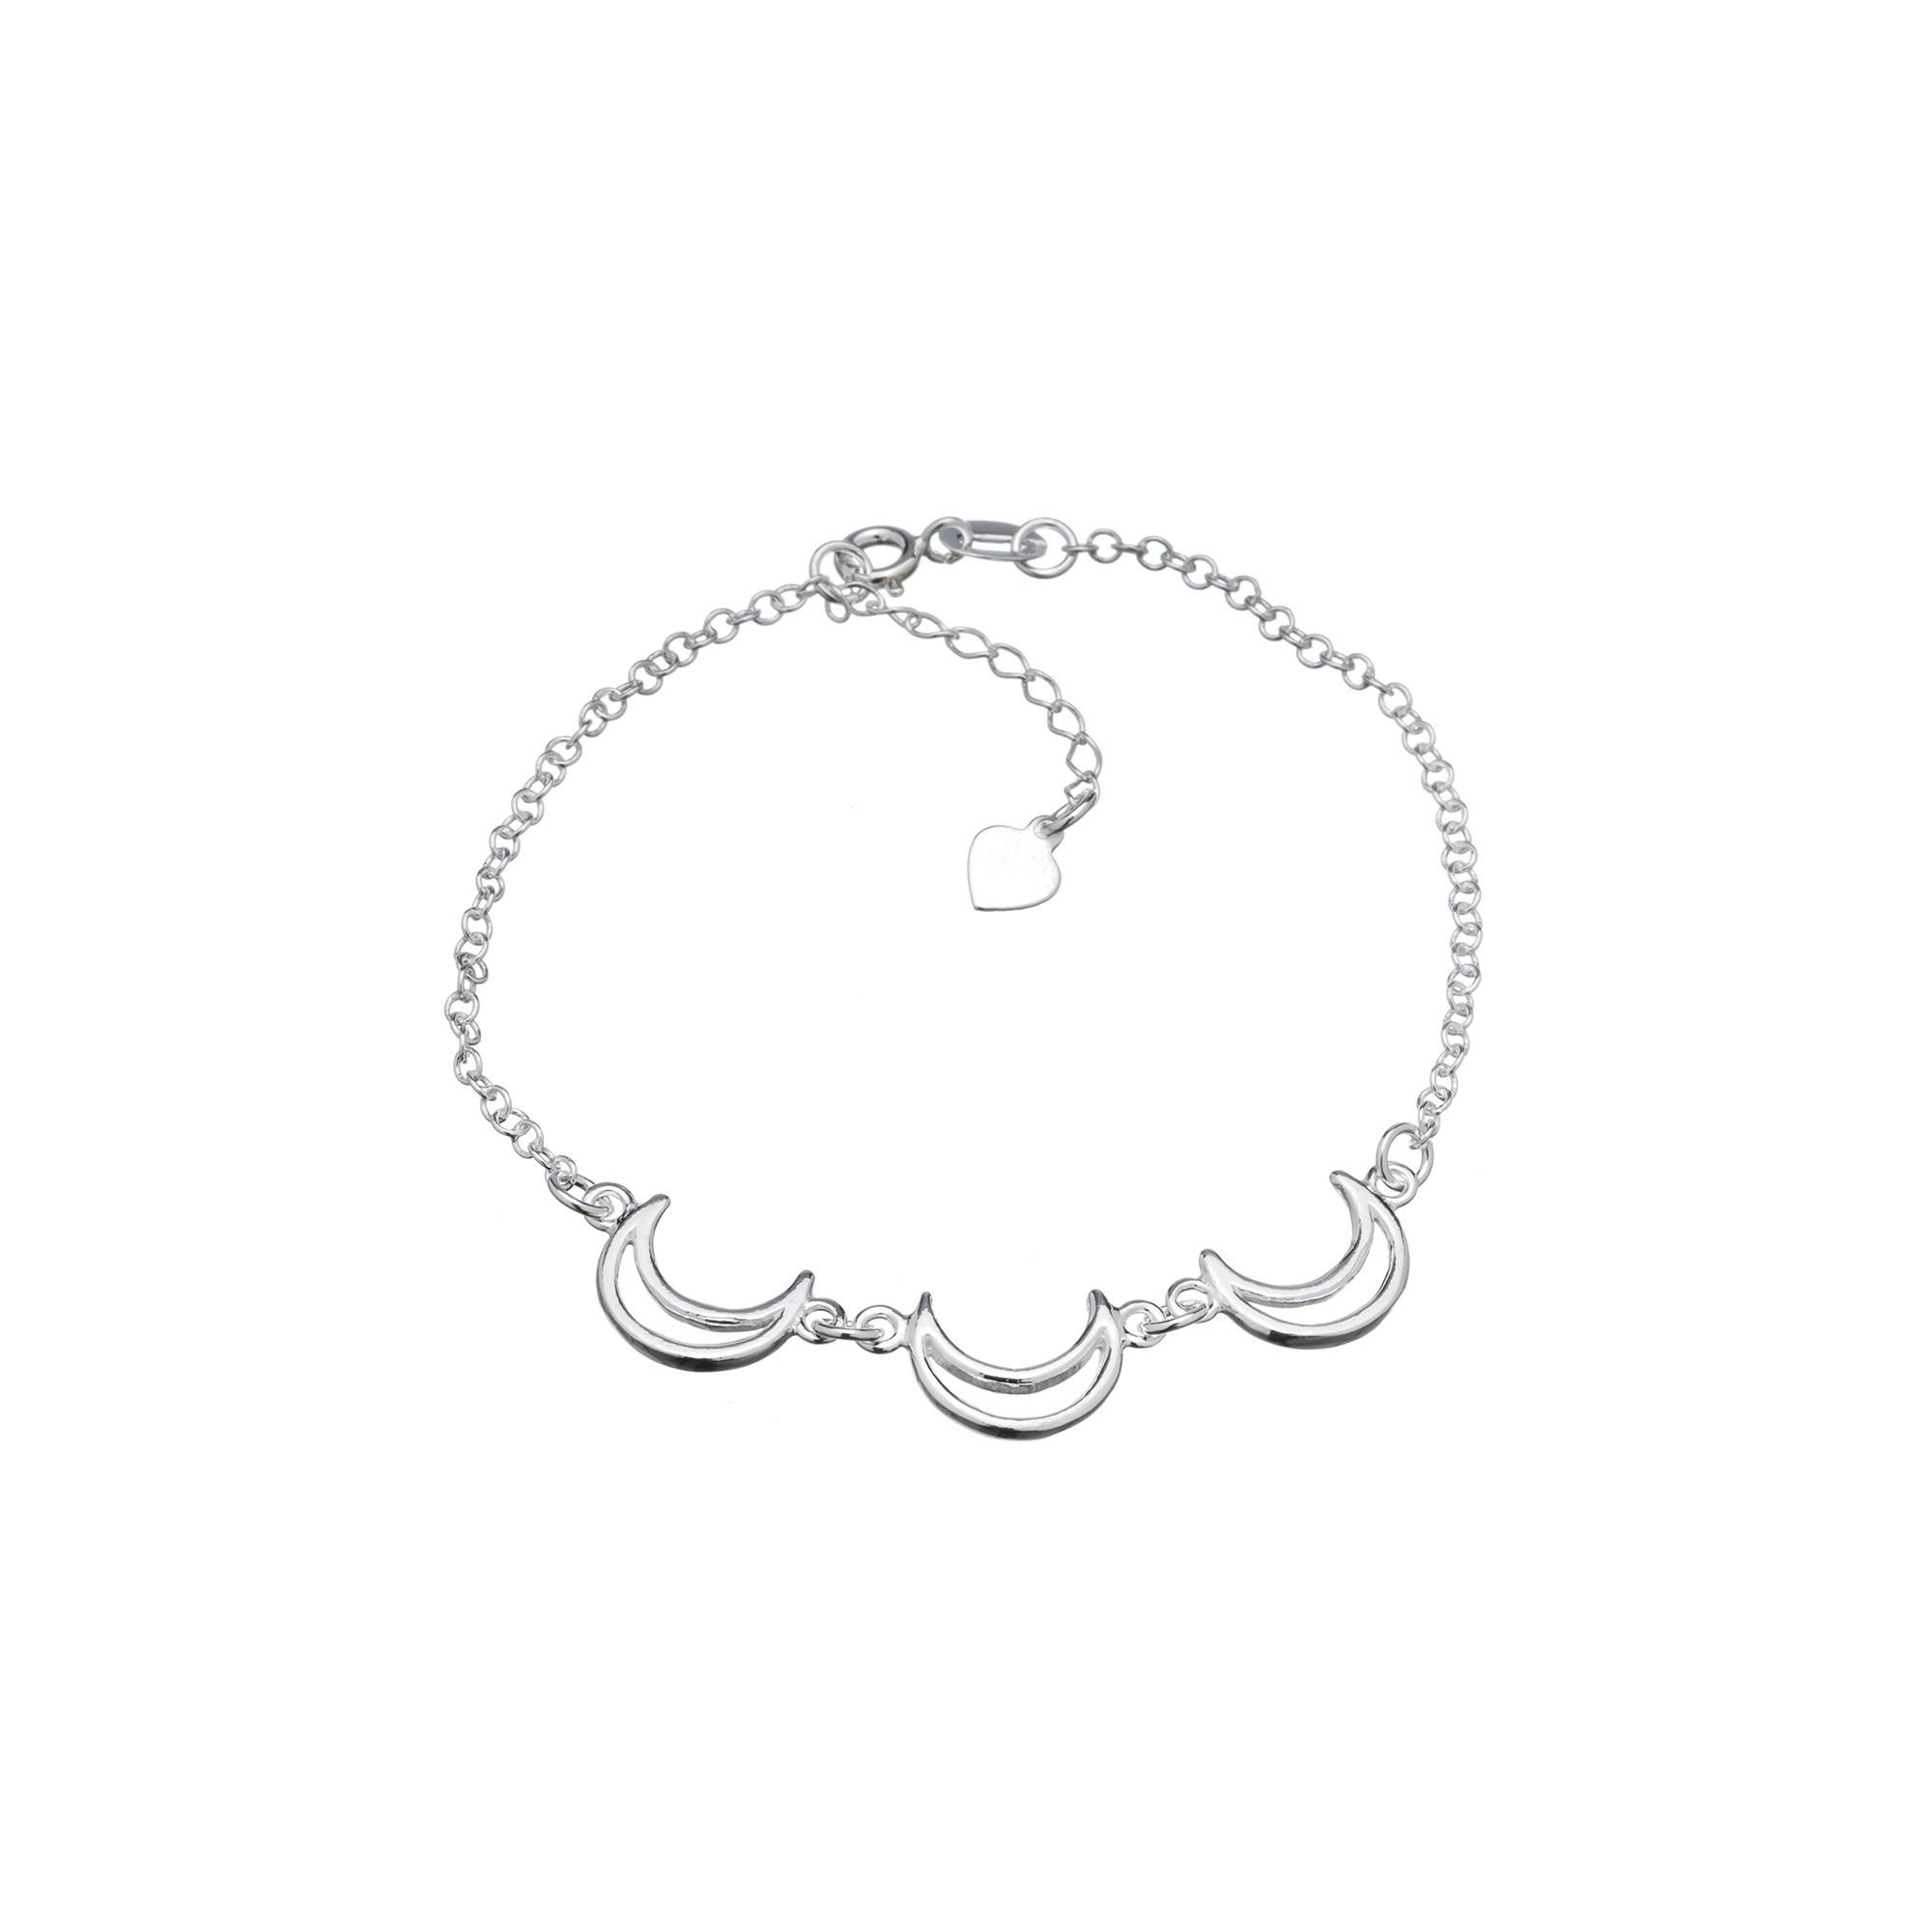 Pulseira Luas em Prata 925 16cm + Extensor